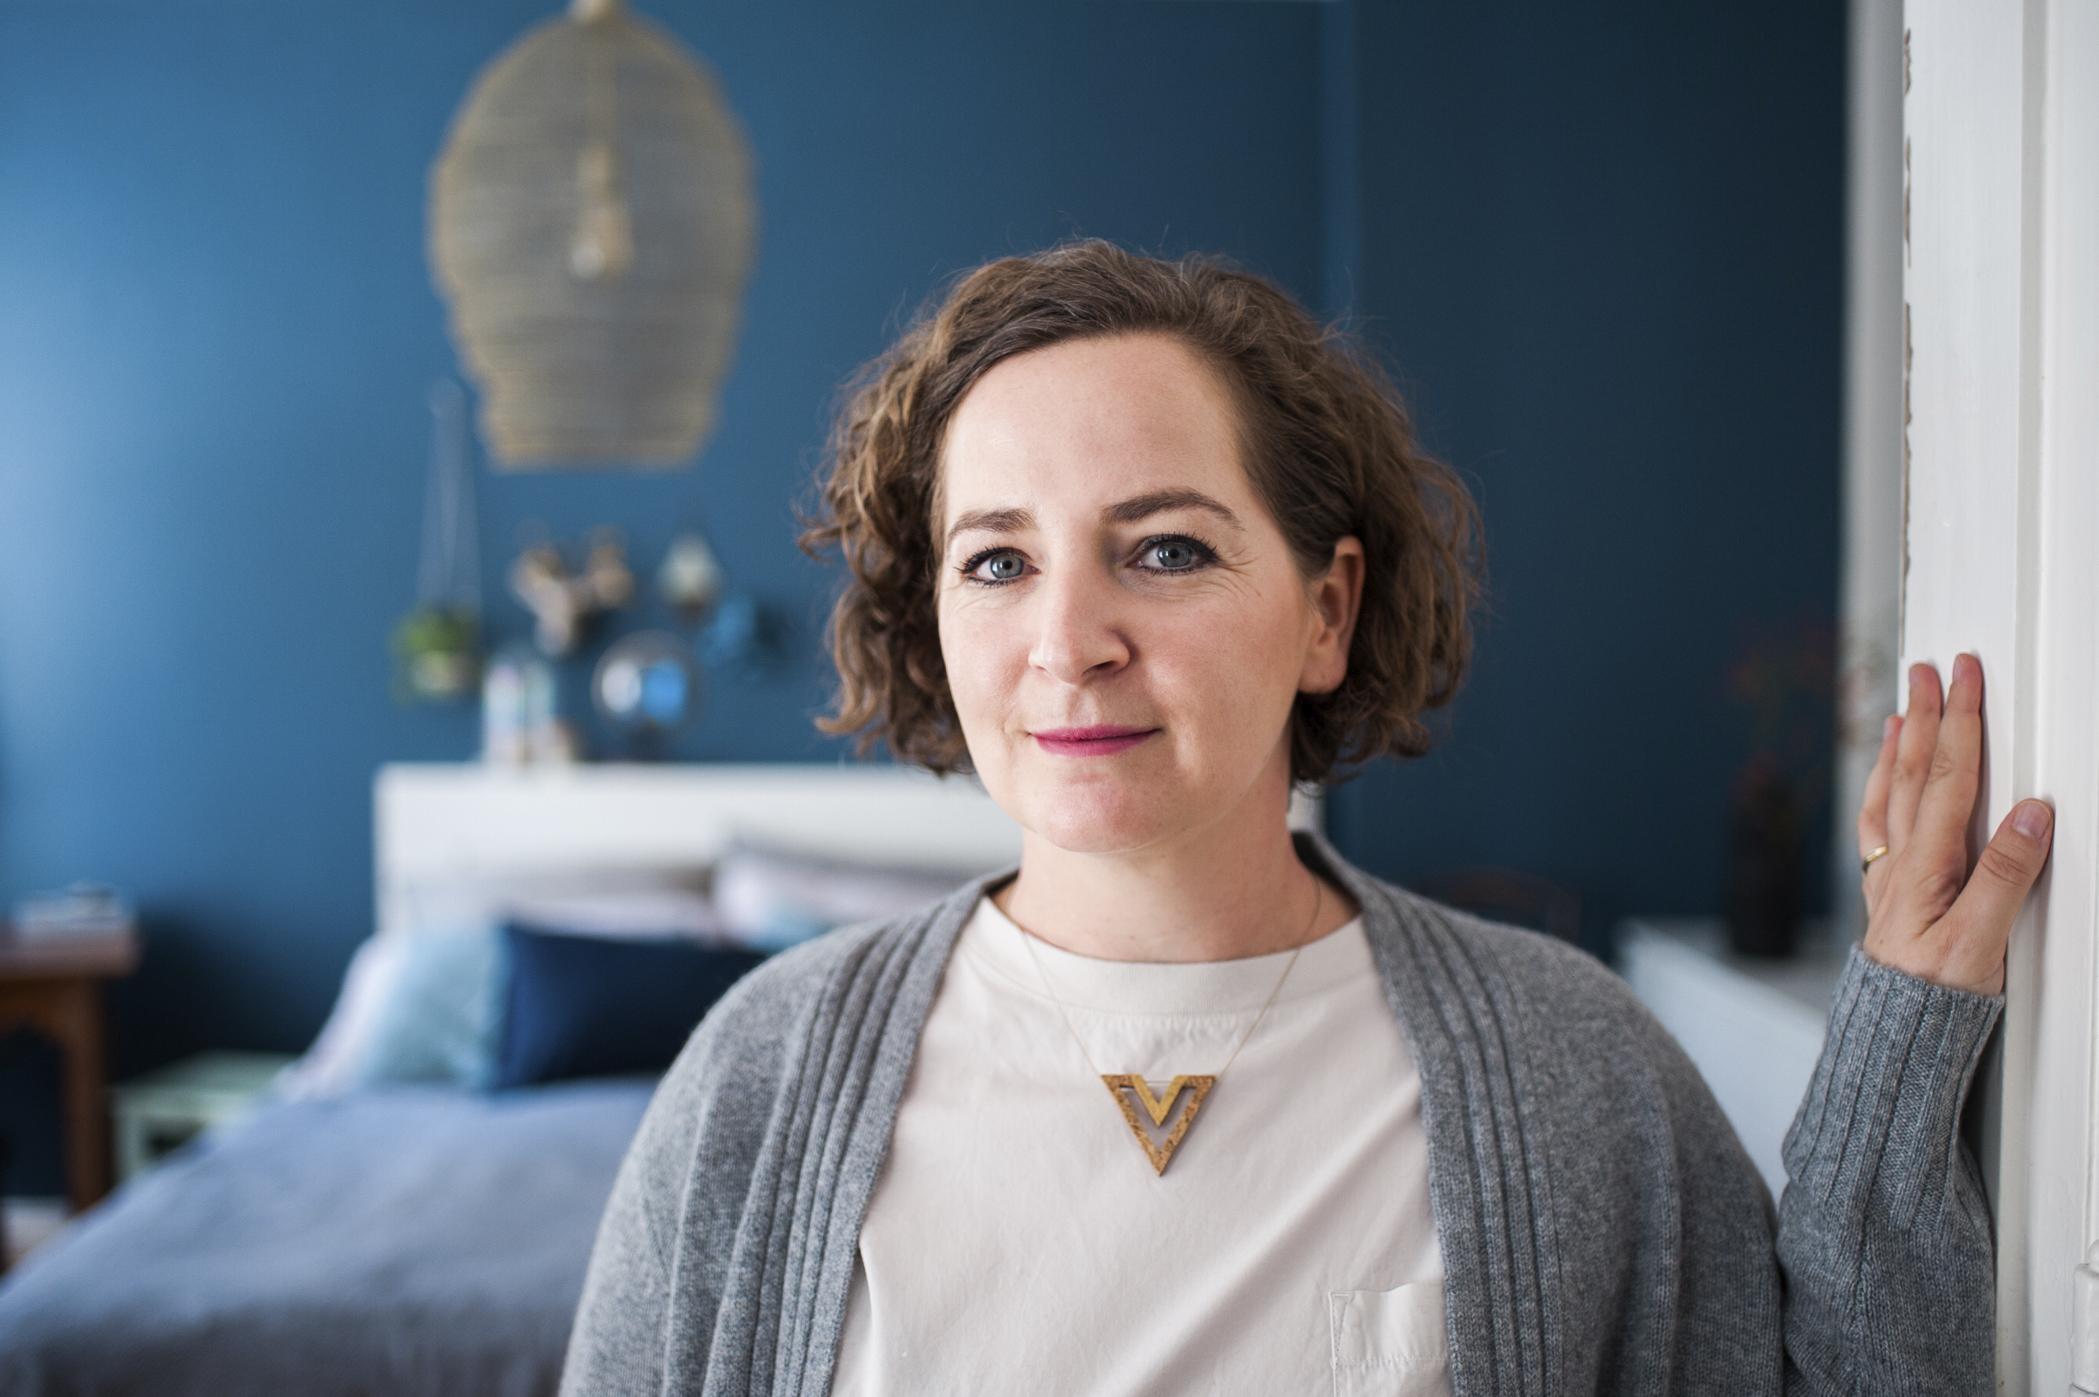 """Verena Marmann hat sich vor zwei Jahren mit ihrem Unternehmen """"Von Innen"""" selbständig gemacht und bietet nun erfolgreich Beratung für die Umgestaltung der eigenen vier Wände an. Credit: Sarah Buth"""